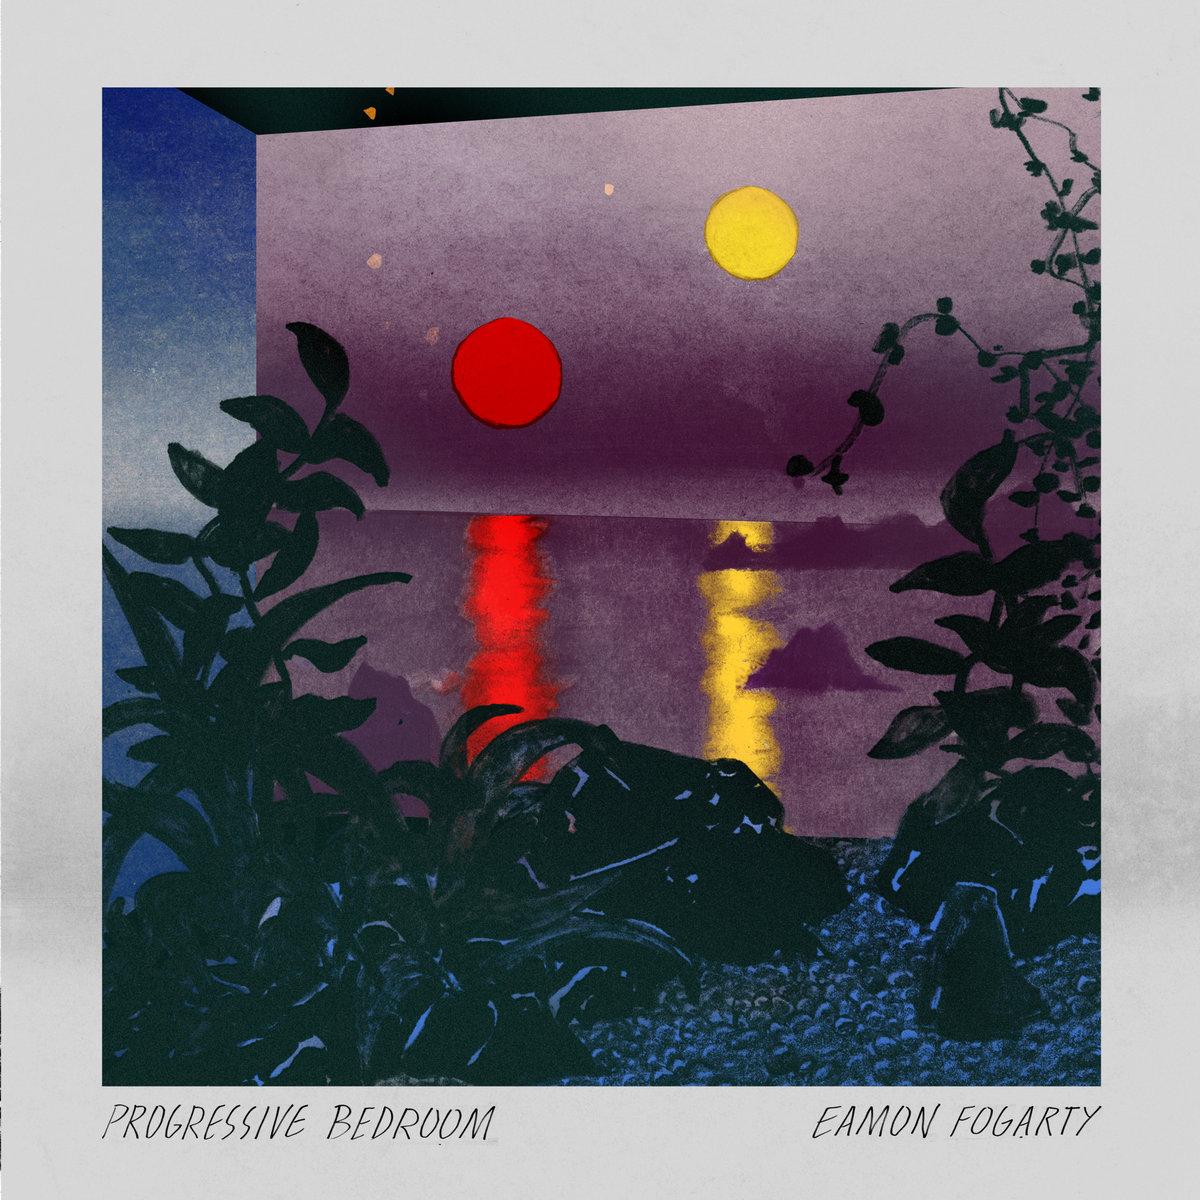 Eamon Fogarty - Progressive Bedroom - Big Ship Audio